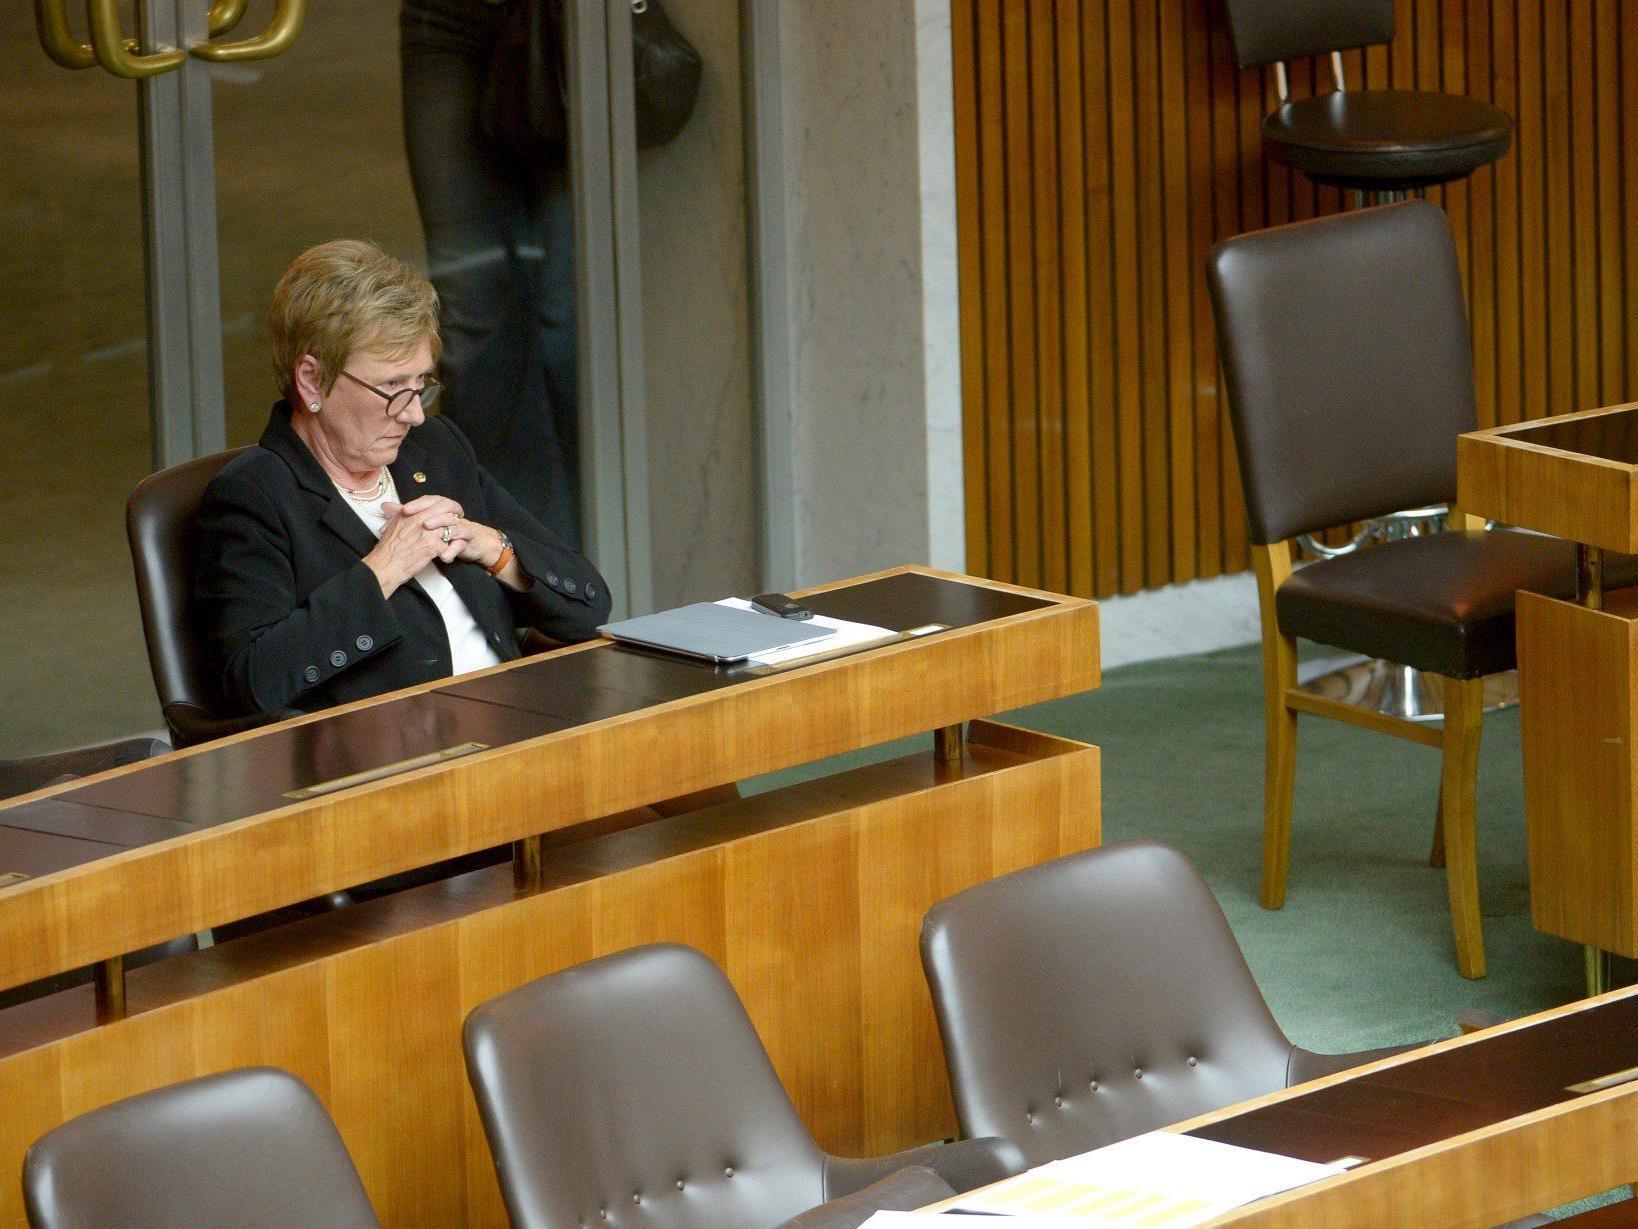 Monika Linder, die als wilde Abgeordnete ziemlich allein im Parlament sitzt, soll Aufträge zugeschanzt haben.